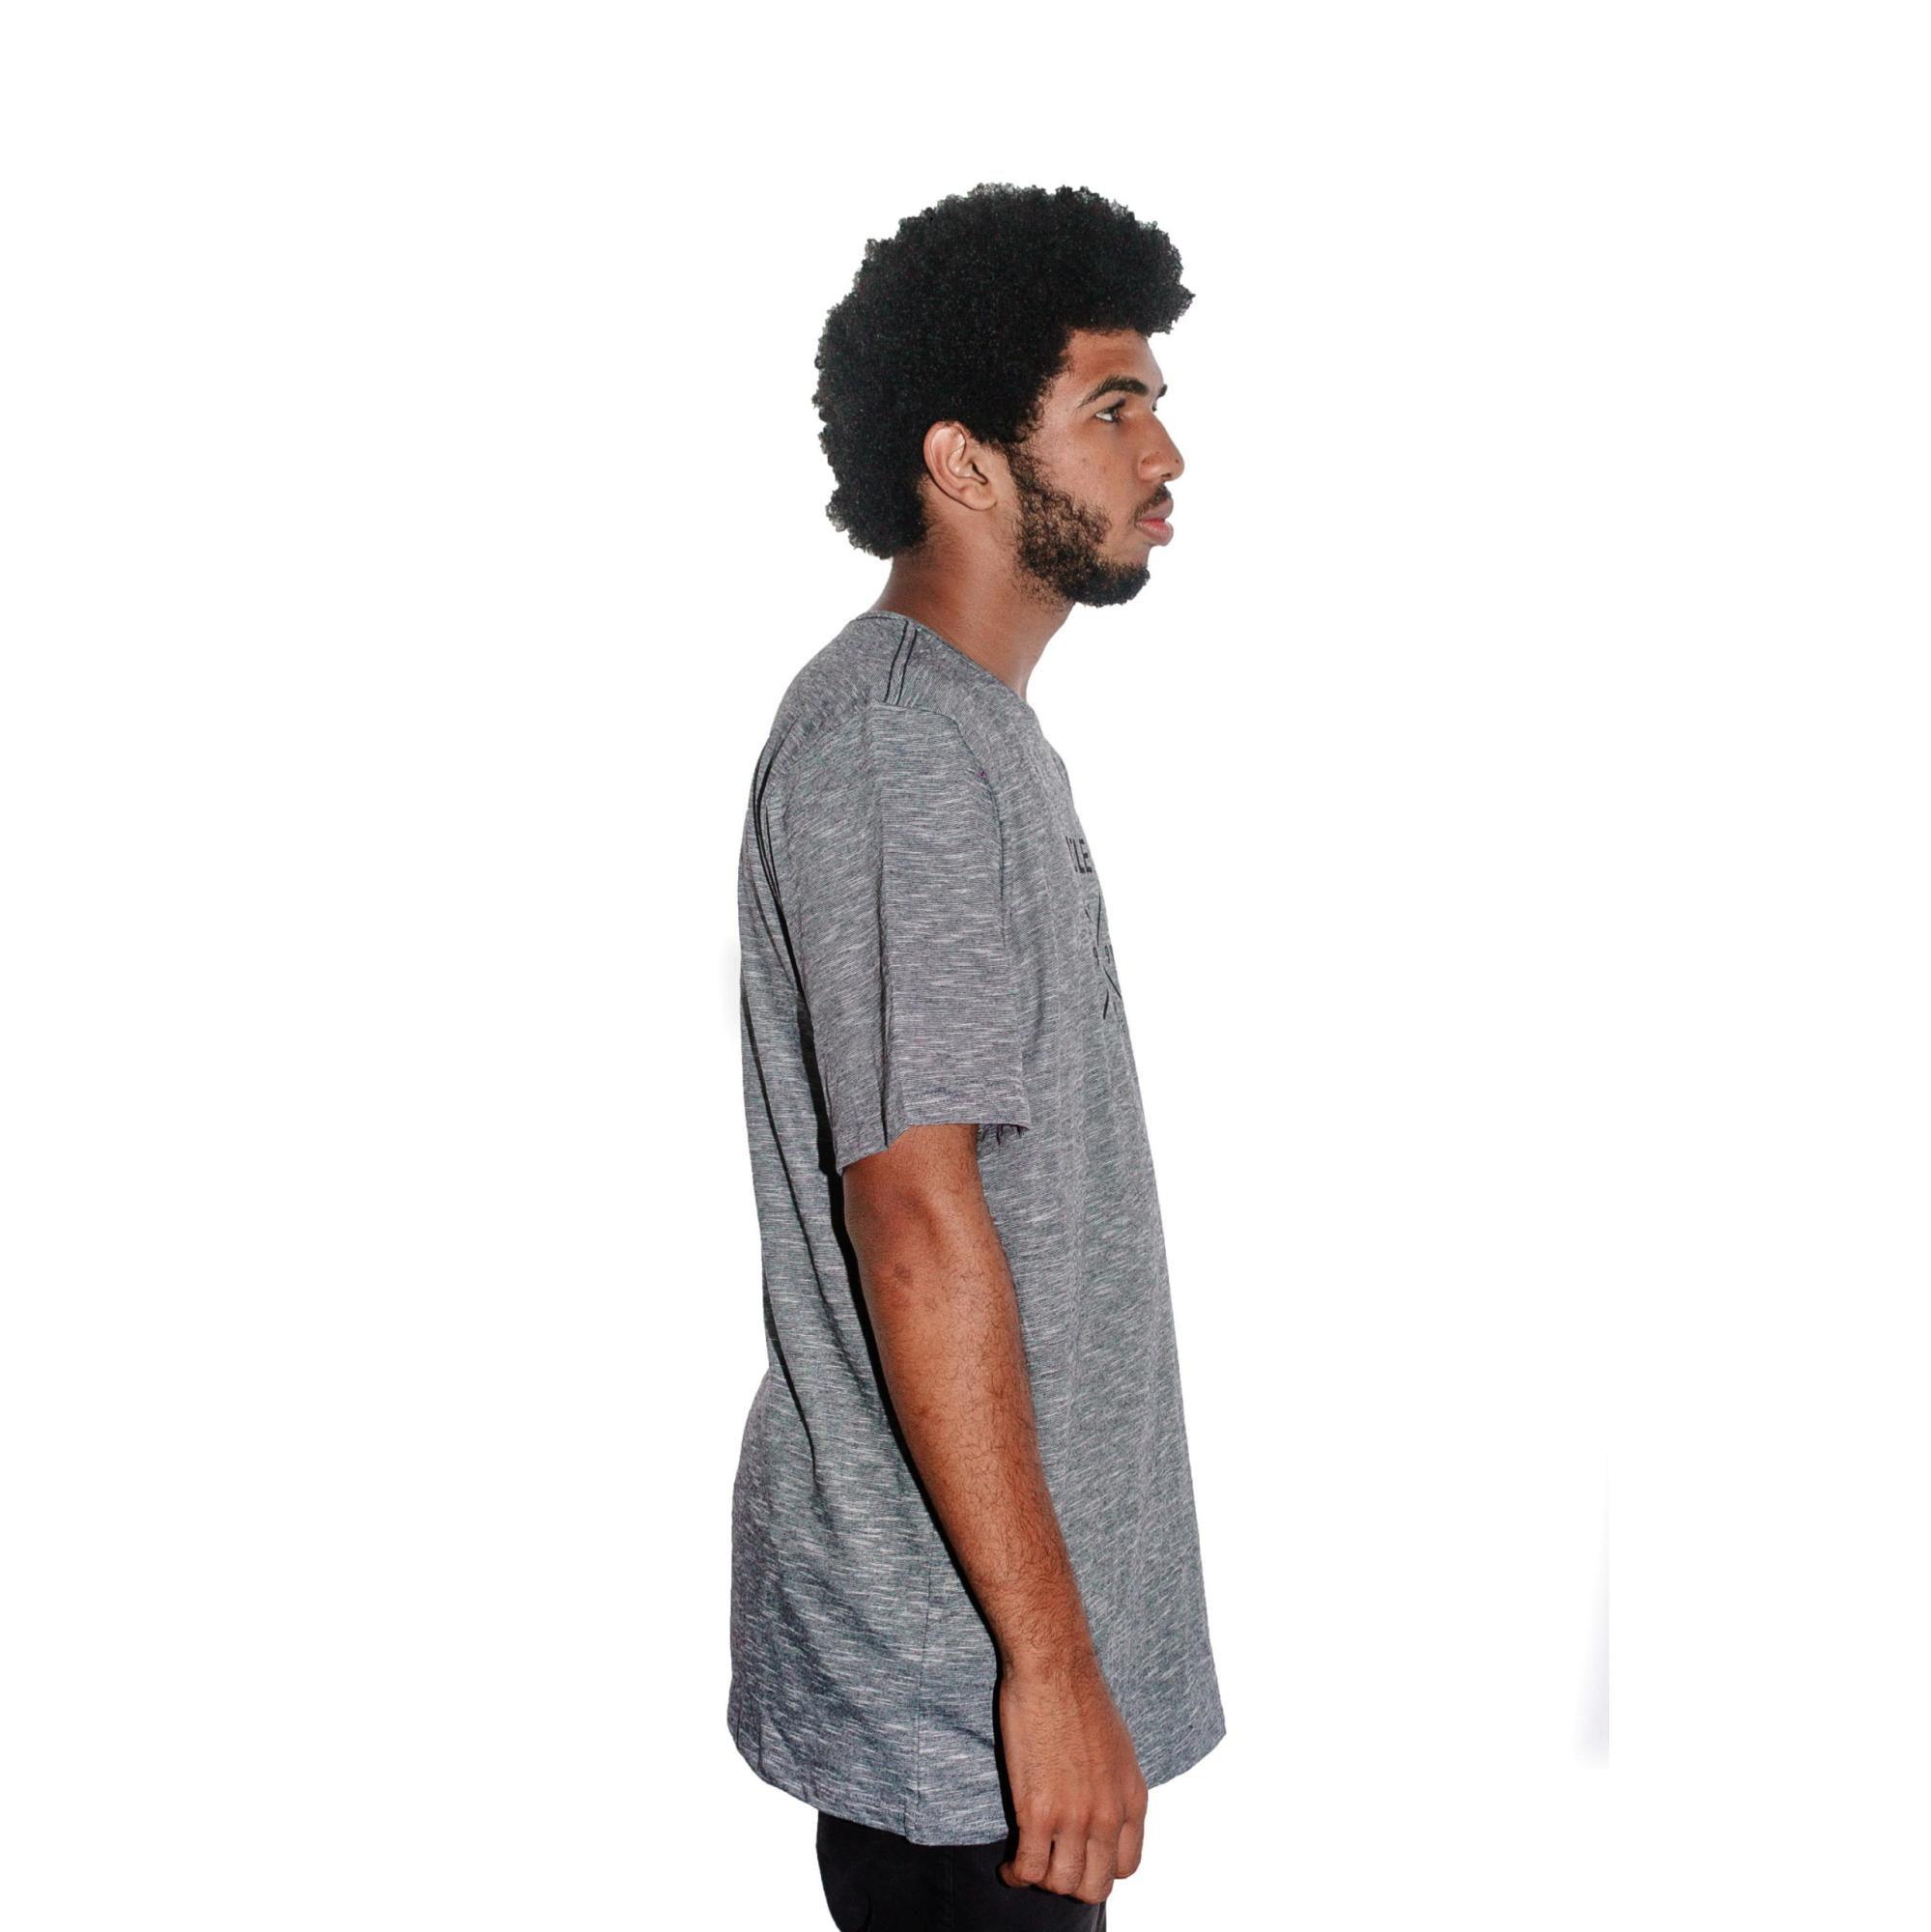 Camiseta Hurley Premium Cinza